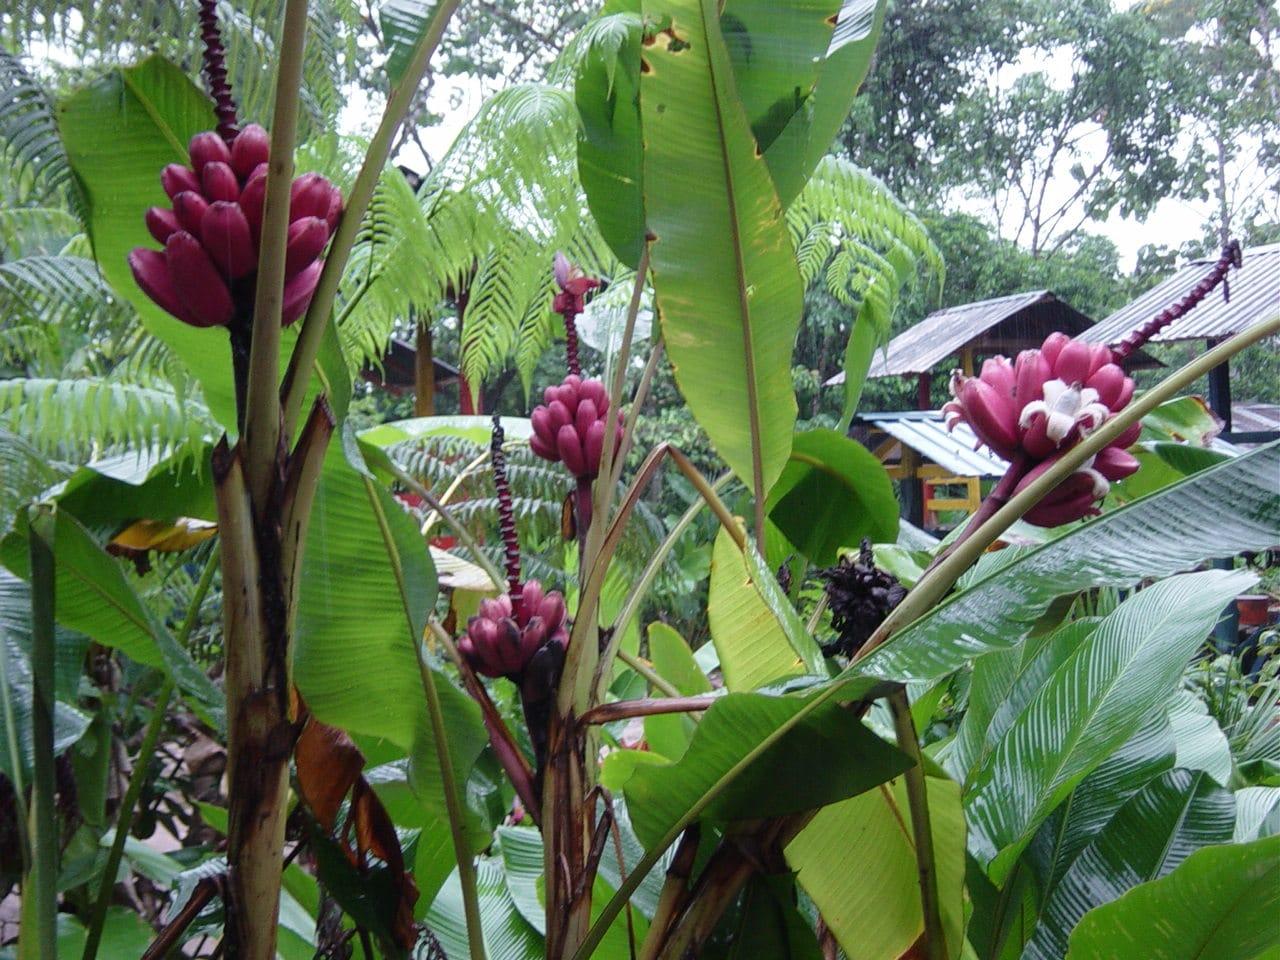 Detalle Musa velutina, platanero pequeño de frutos rosas.